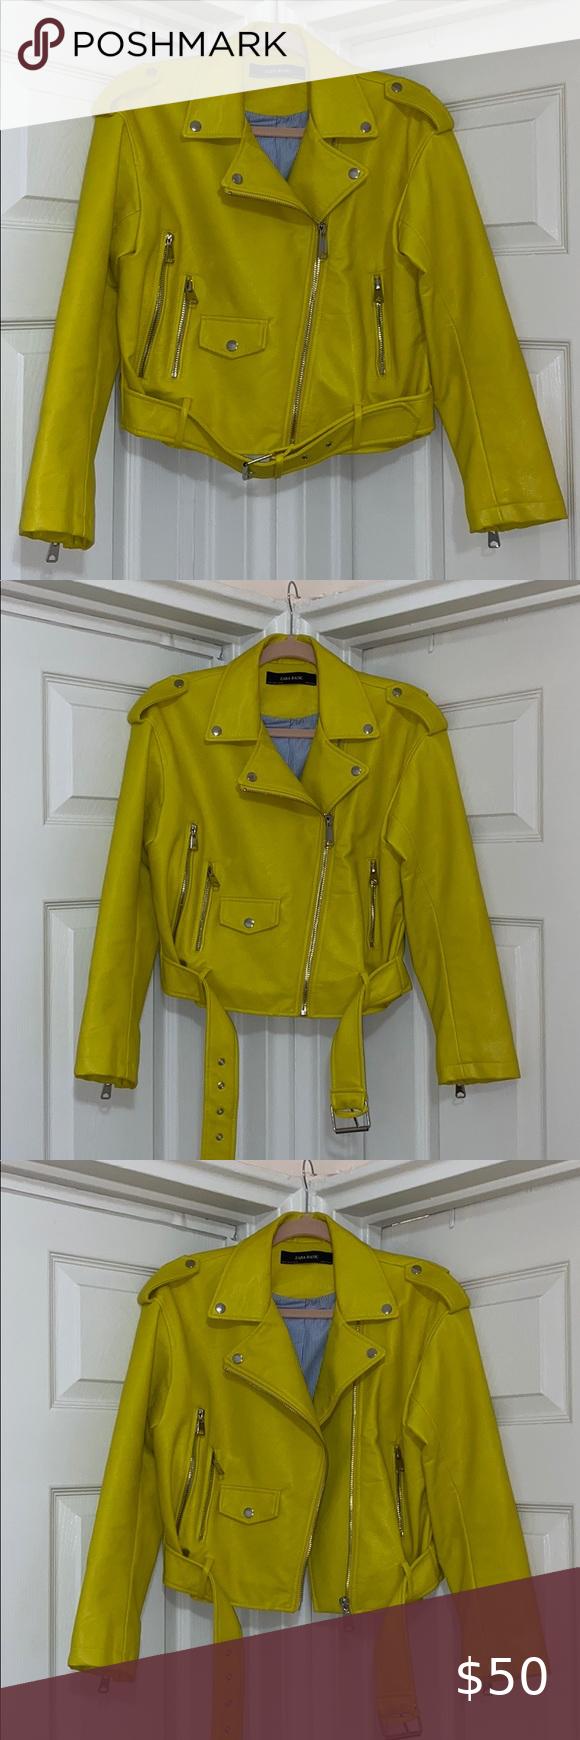 Zara Faux Leather coat in 2020 Faux leather coat, Coat, Zara